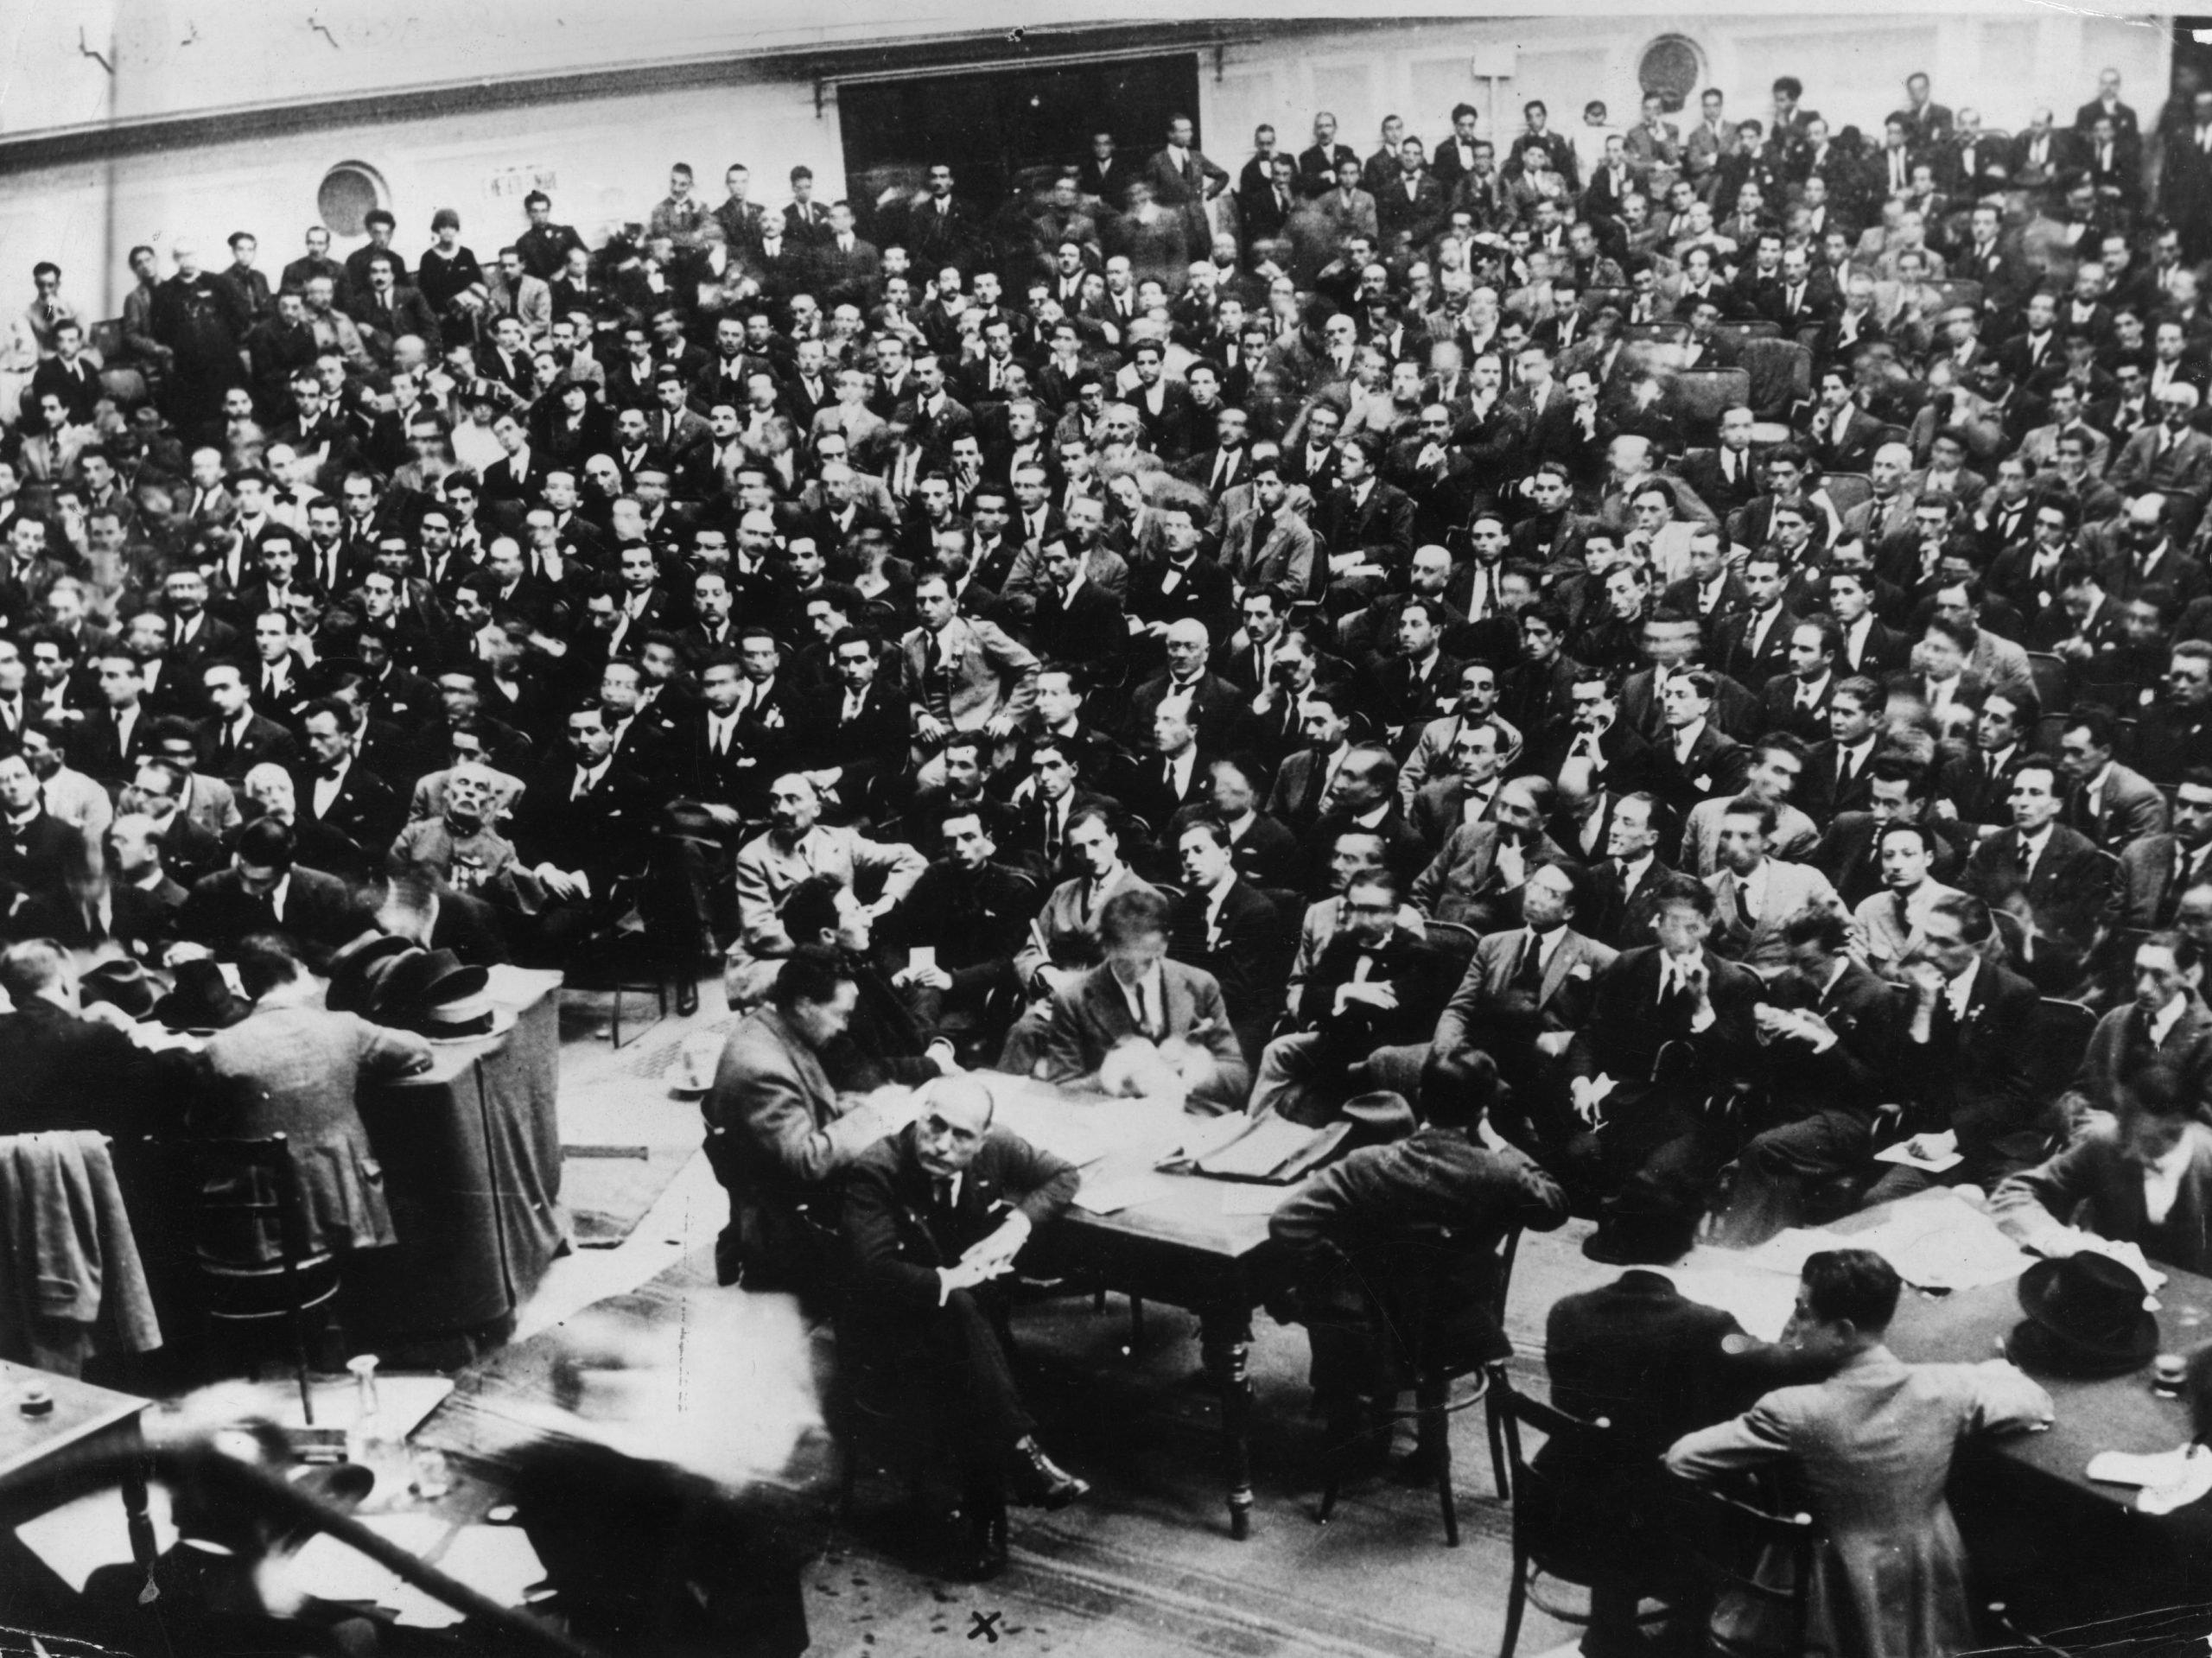 Italian dictator Benito Mussolini attends a fascist conference